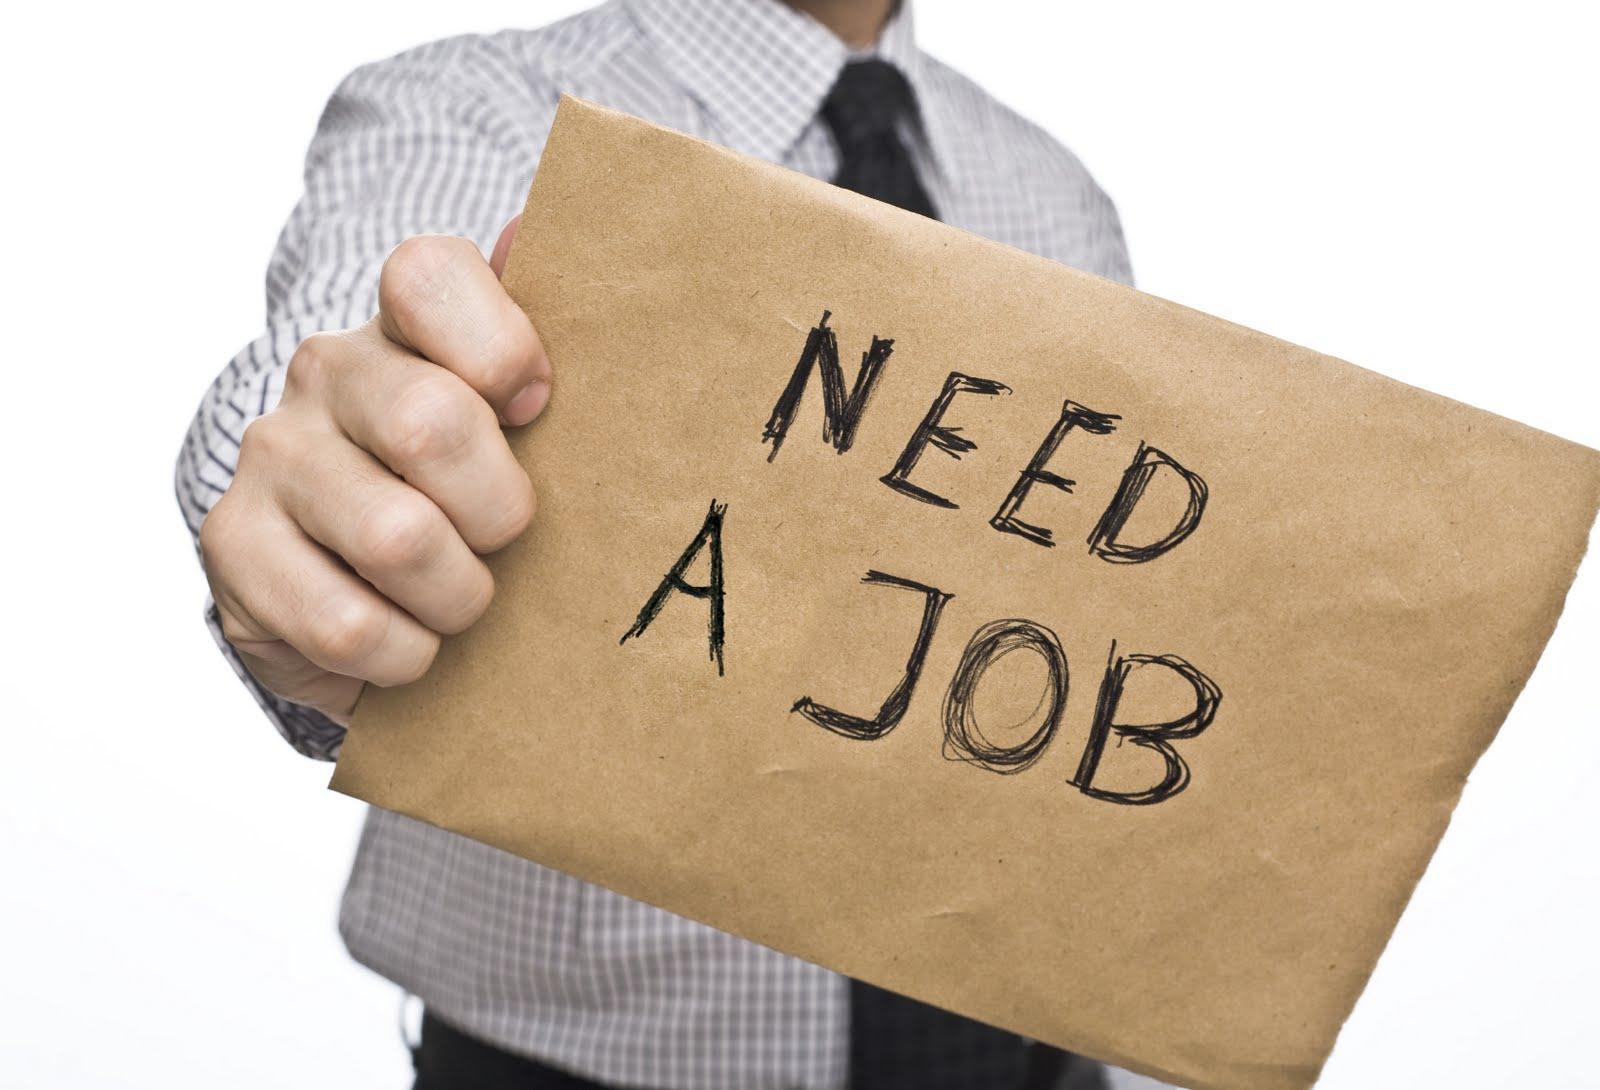 gocnhin247.com - Nếu như không muốn bị mất tiền ngu lúc đi tìm việc làm cần tìm hiểu thông tin dưới đây